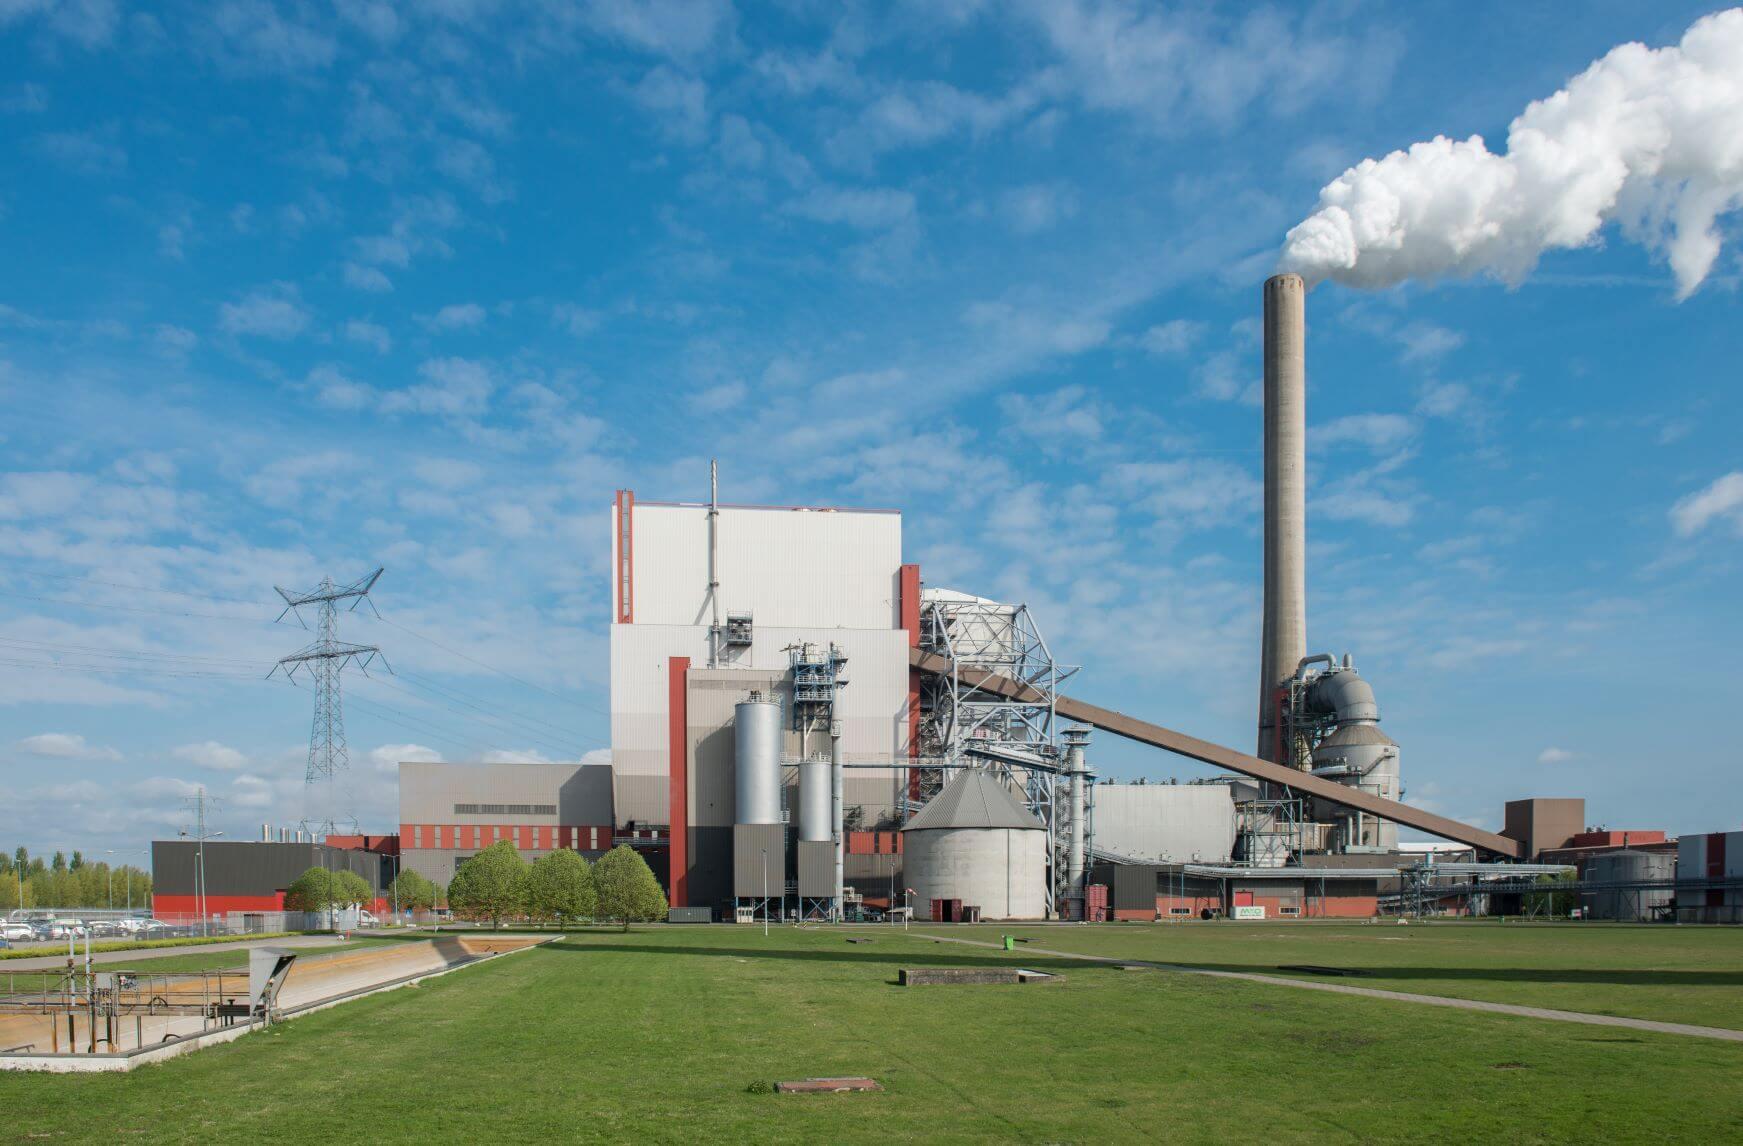 Aufnahme Kraftwerk Amer für Biomasse und Steinkohle vor grüner Wiese mit rauchendem Schornstein